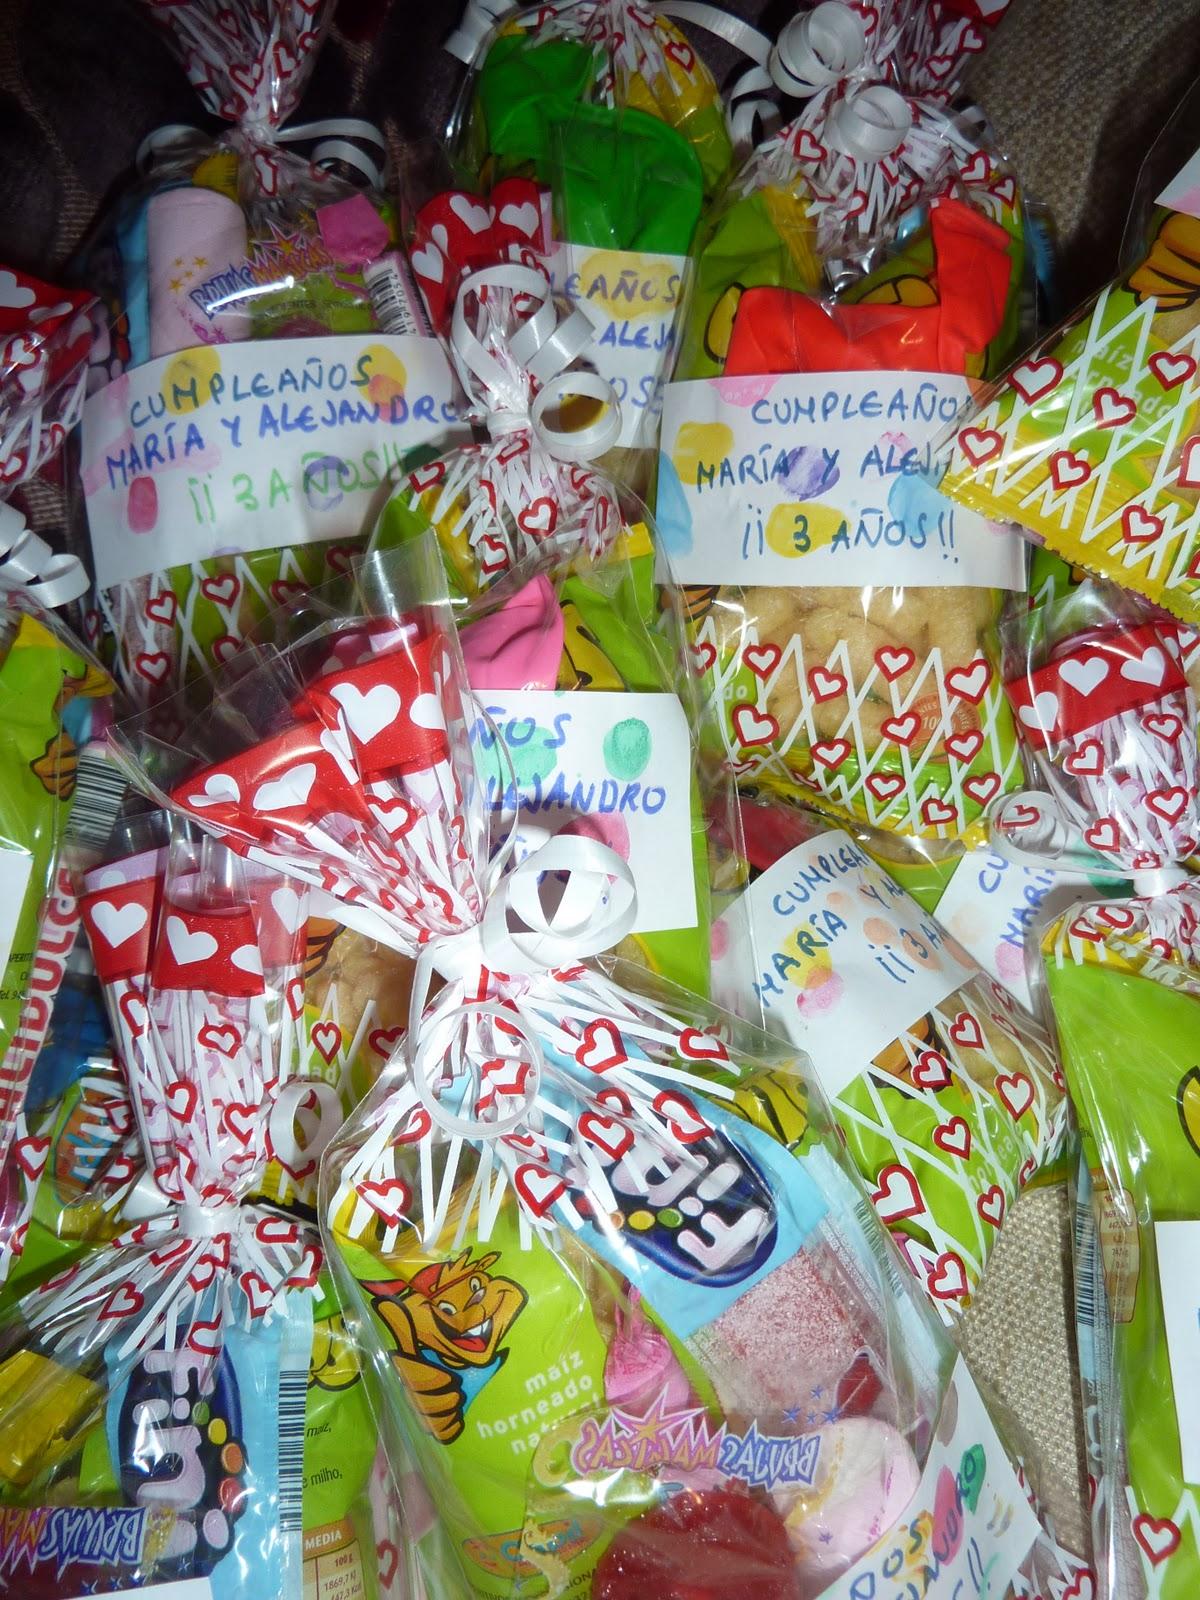 Mis mellizos y yo marzo 2011 - Detalles originales para cumpleanos infantiles ...